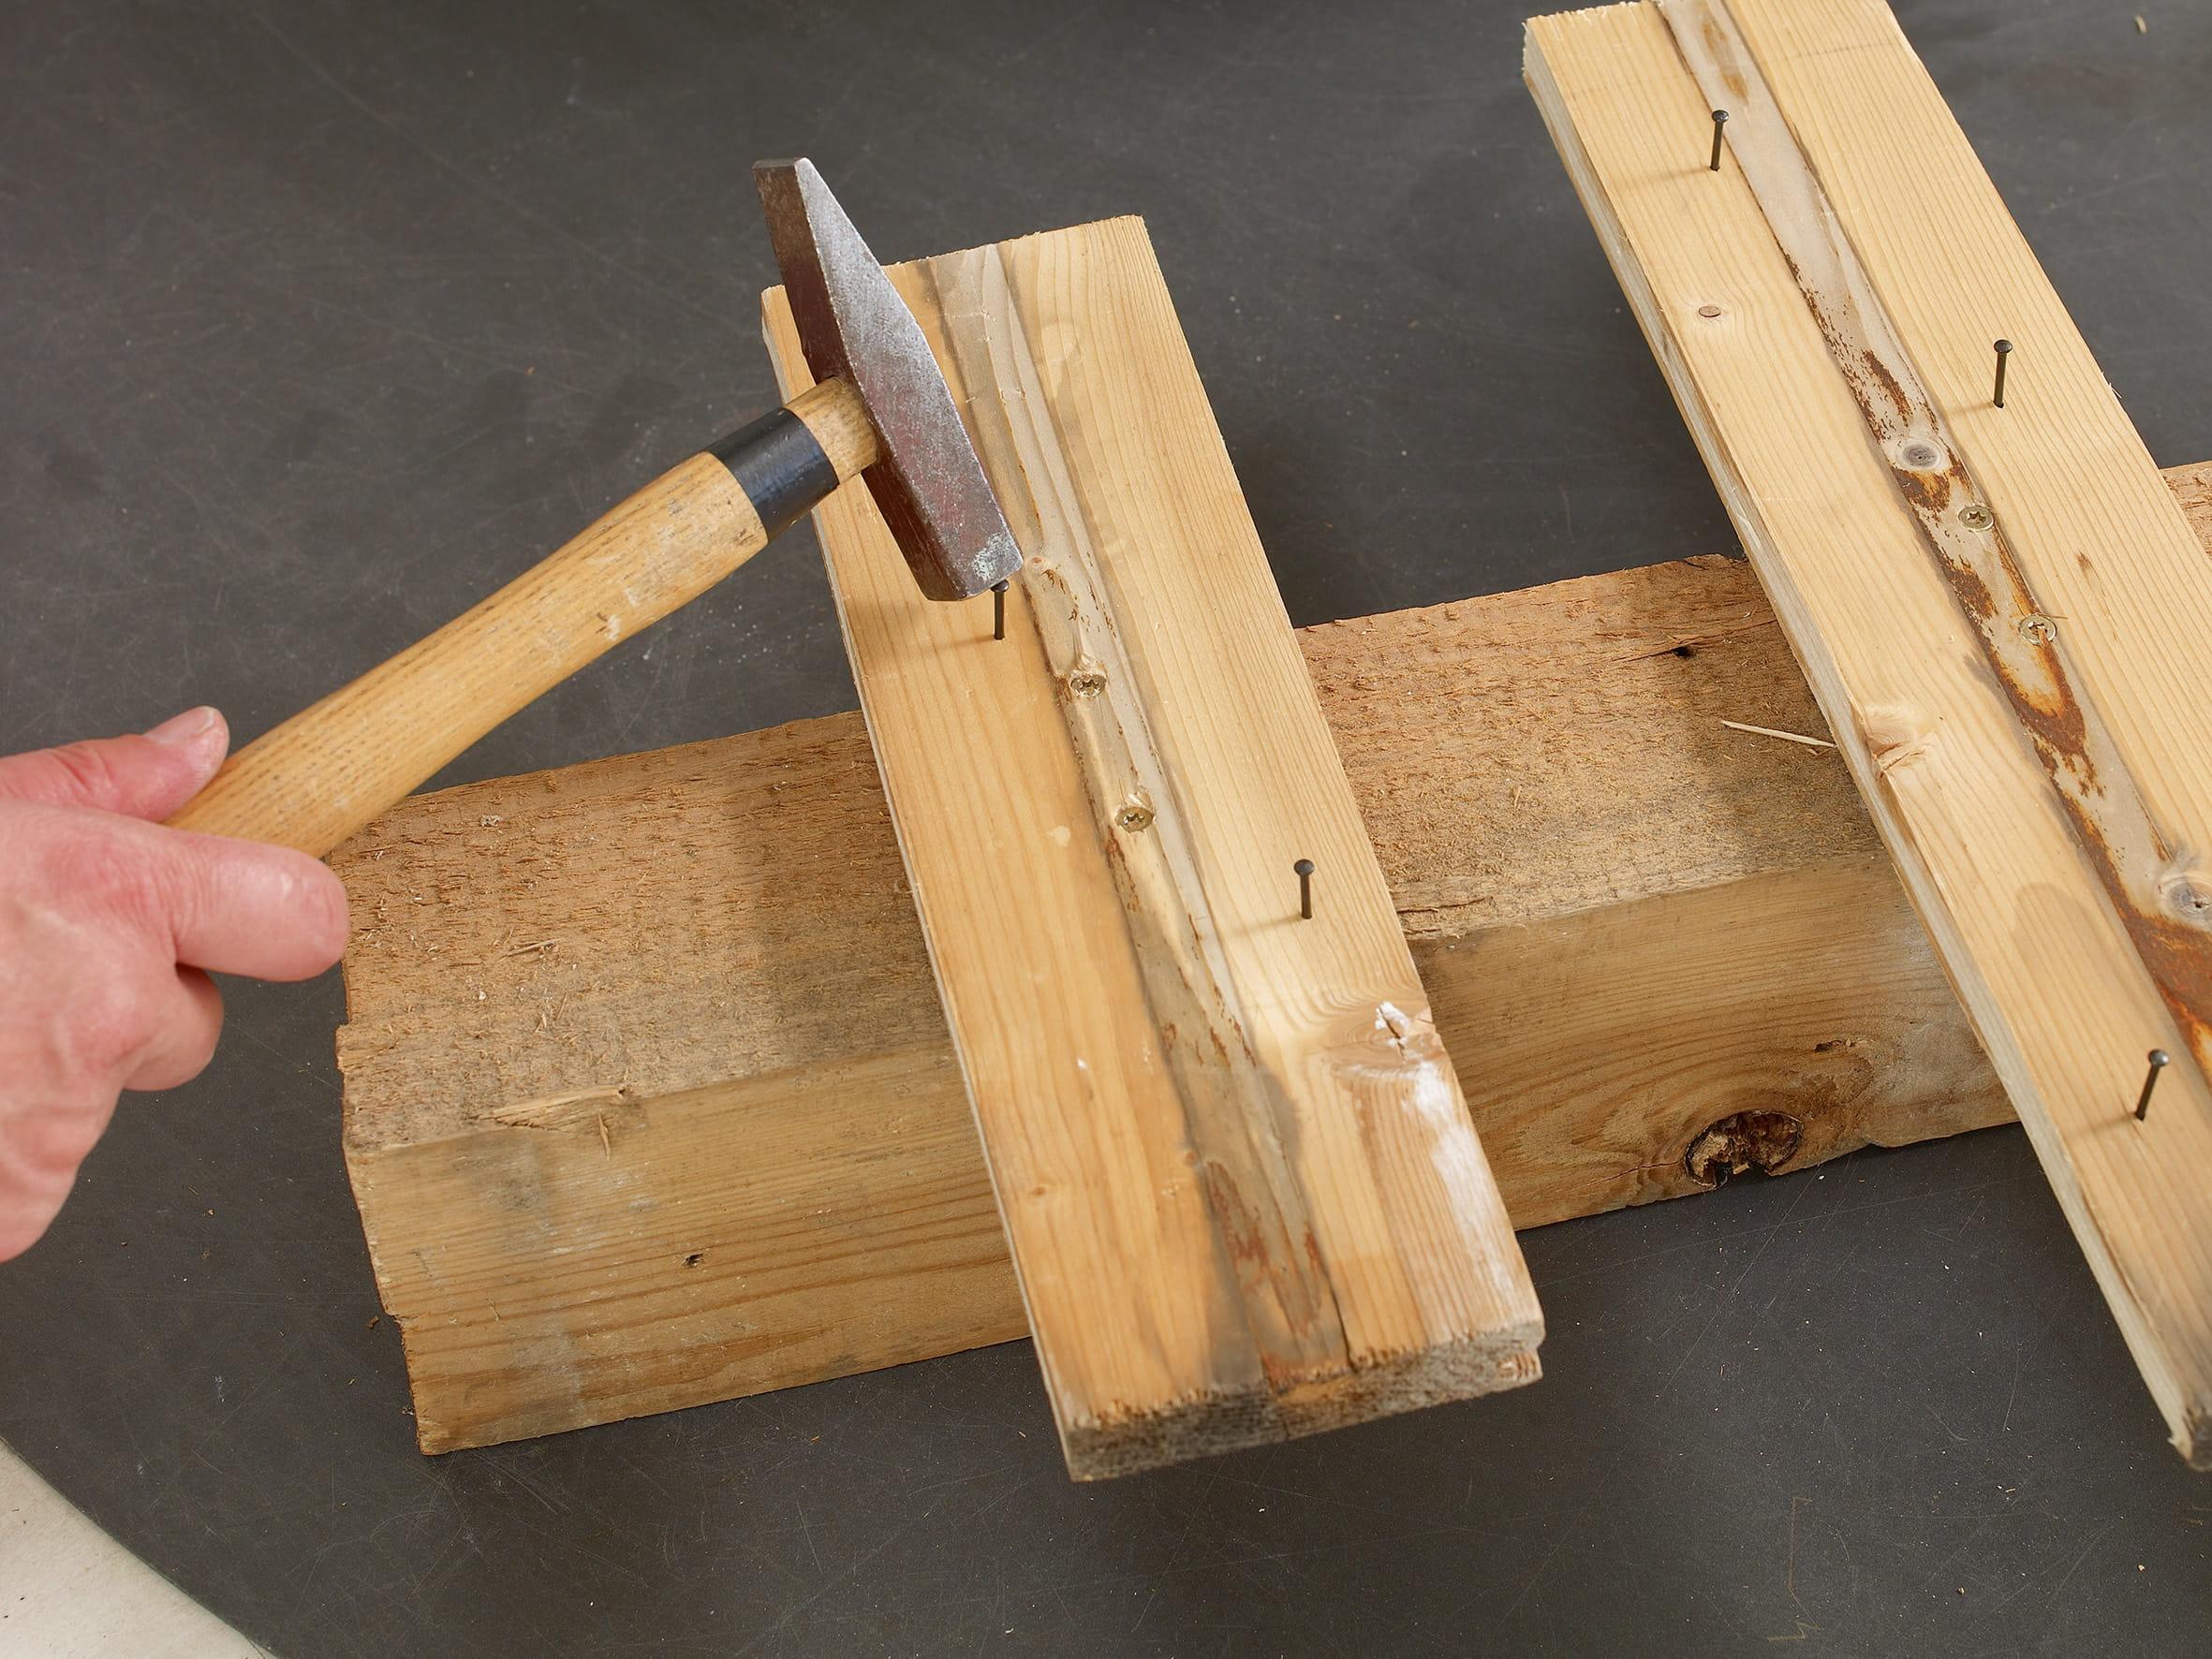 Diy un sapin de no l en bois brut - Journal des femmes com ...